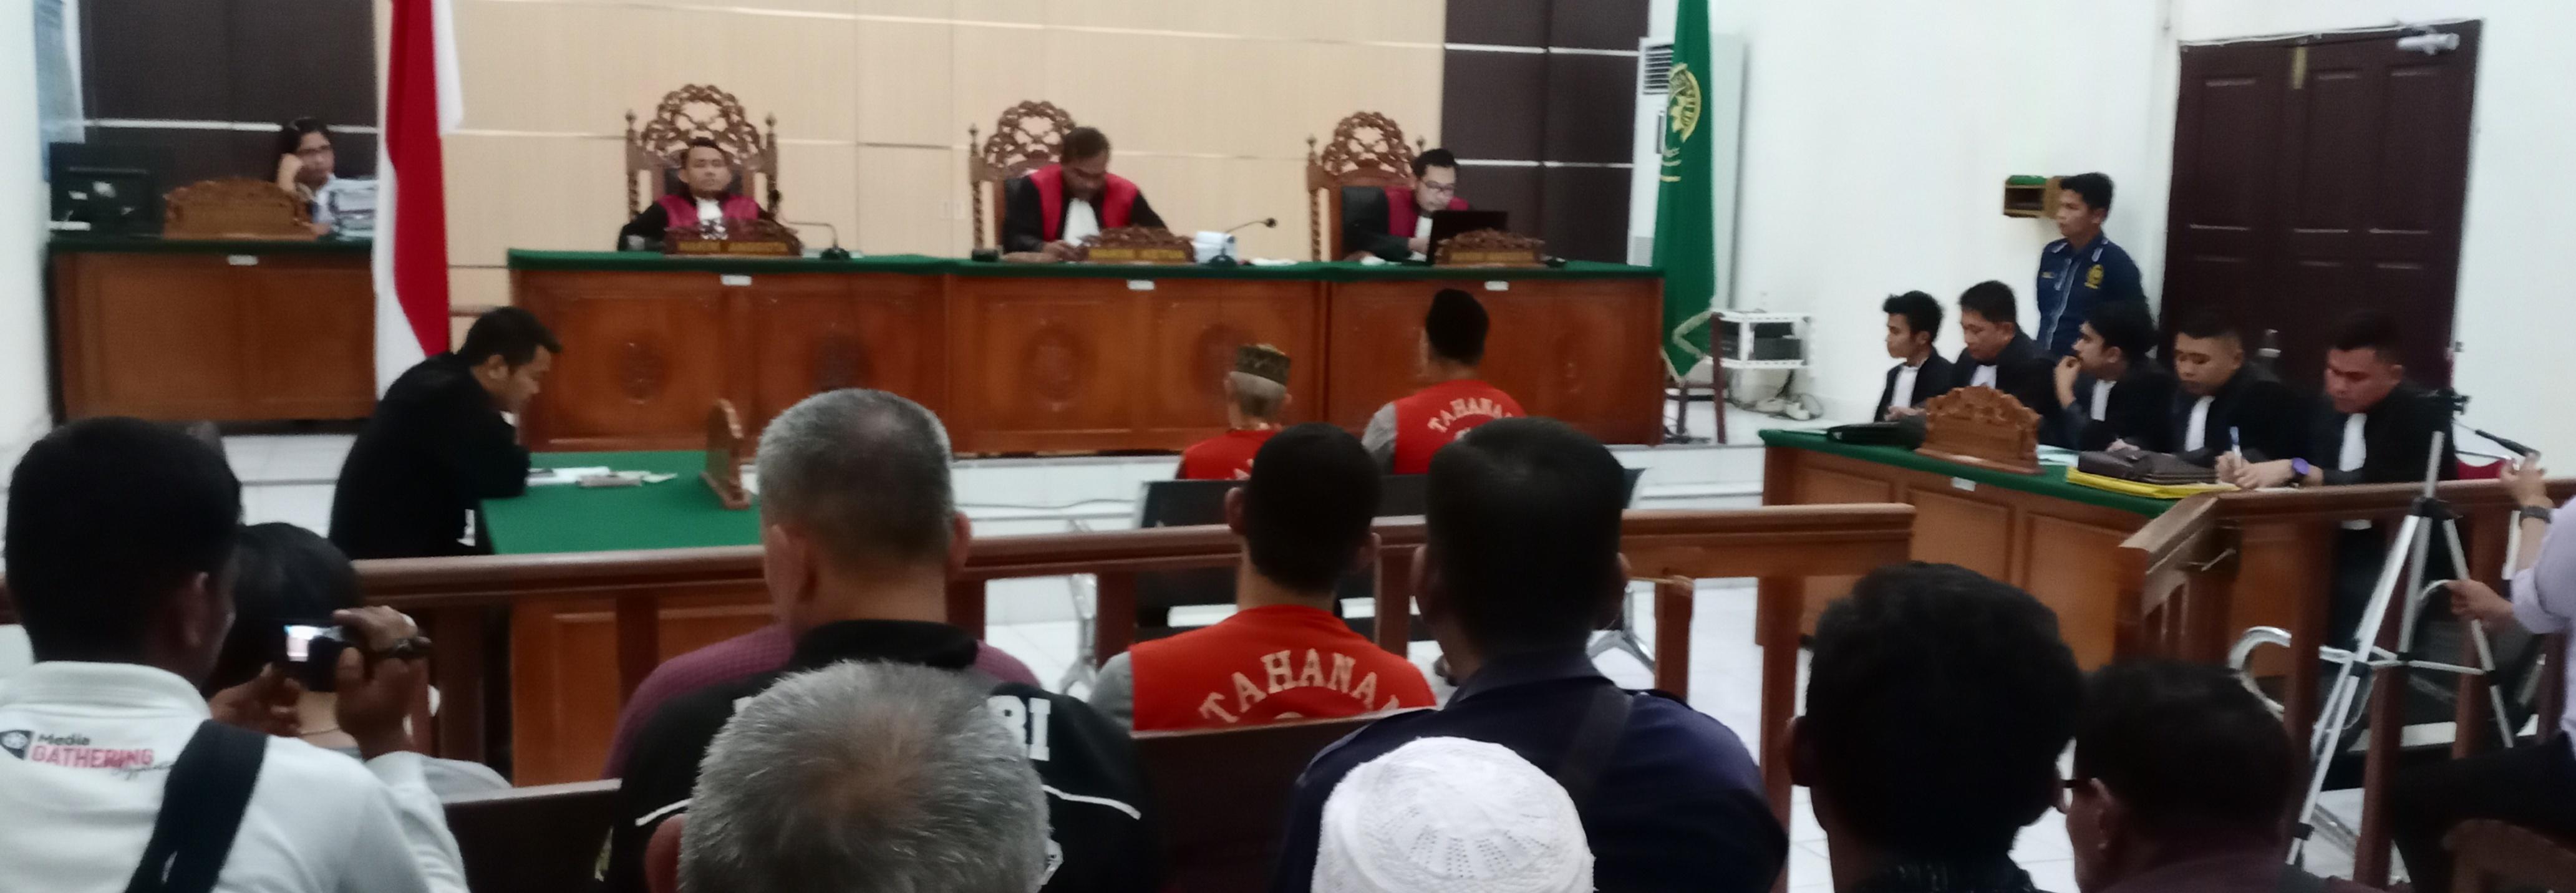 Divonis 2 Tahun 8 Bulan , Kuasa Hukum Penghulu Putat, Kita Akan Uji Putusan Hakim di Tingkat Banding